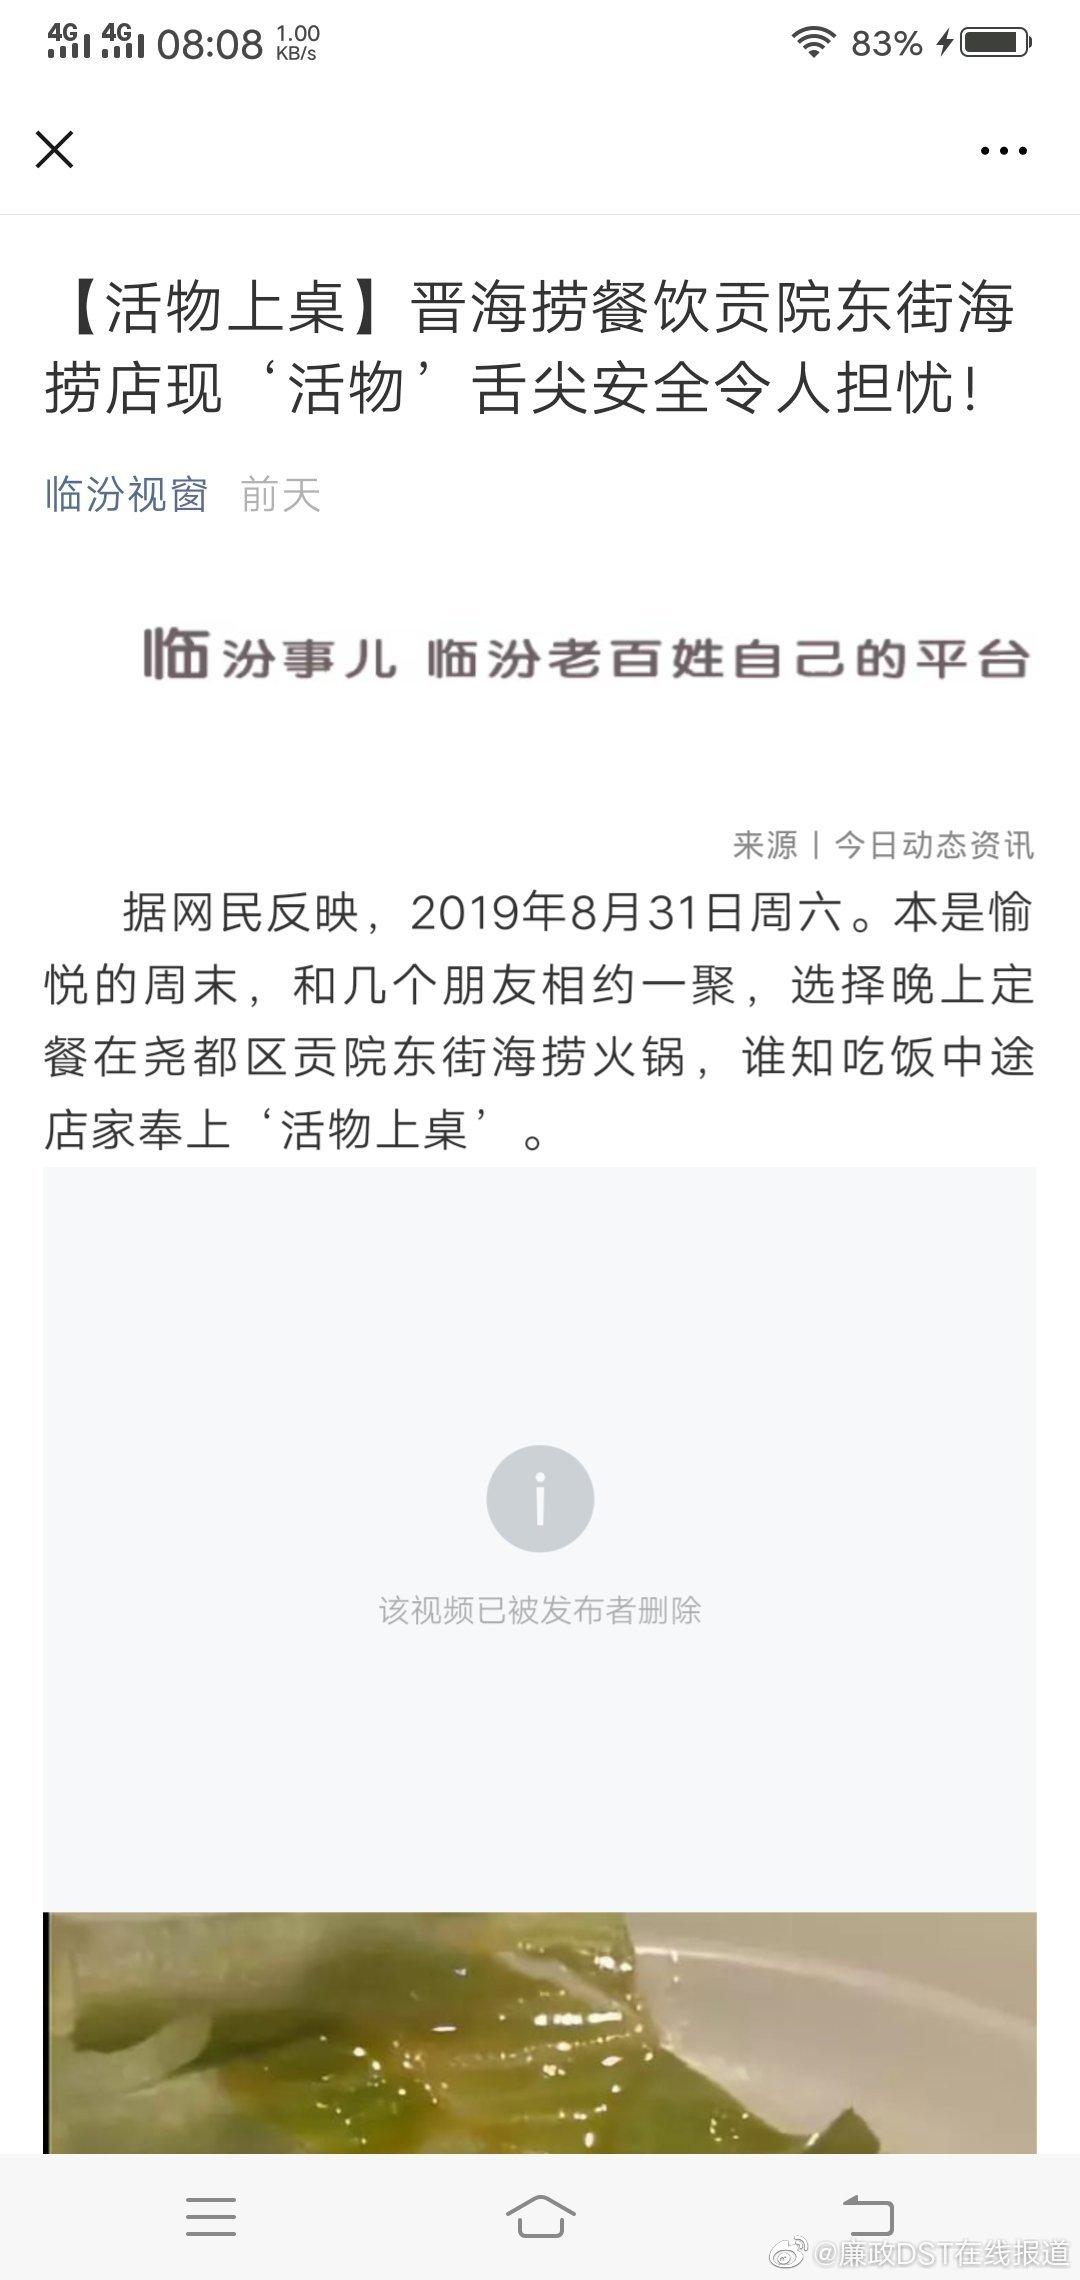 临汾贡院东街:海捞火锅现'活物上桌'舌尖安全令人担忧!